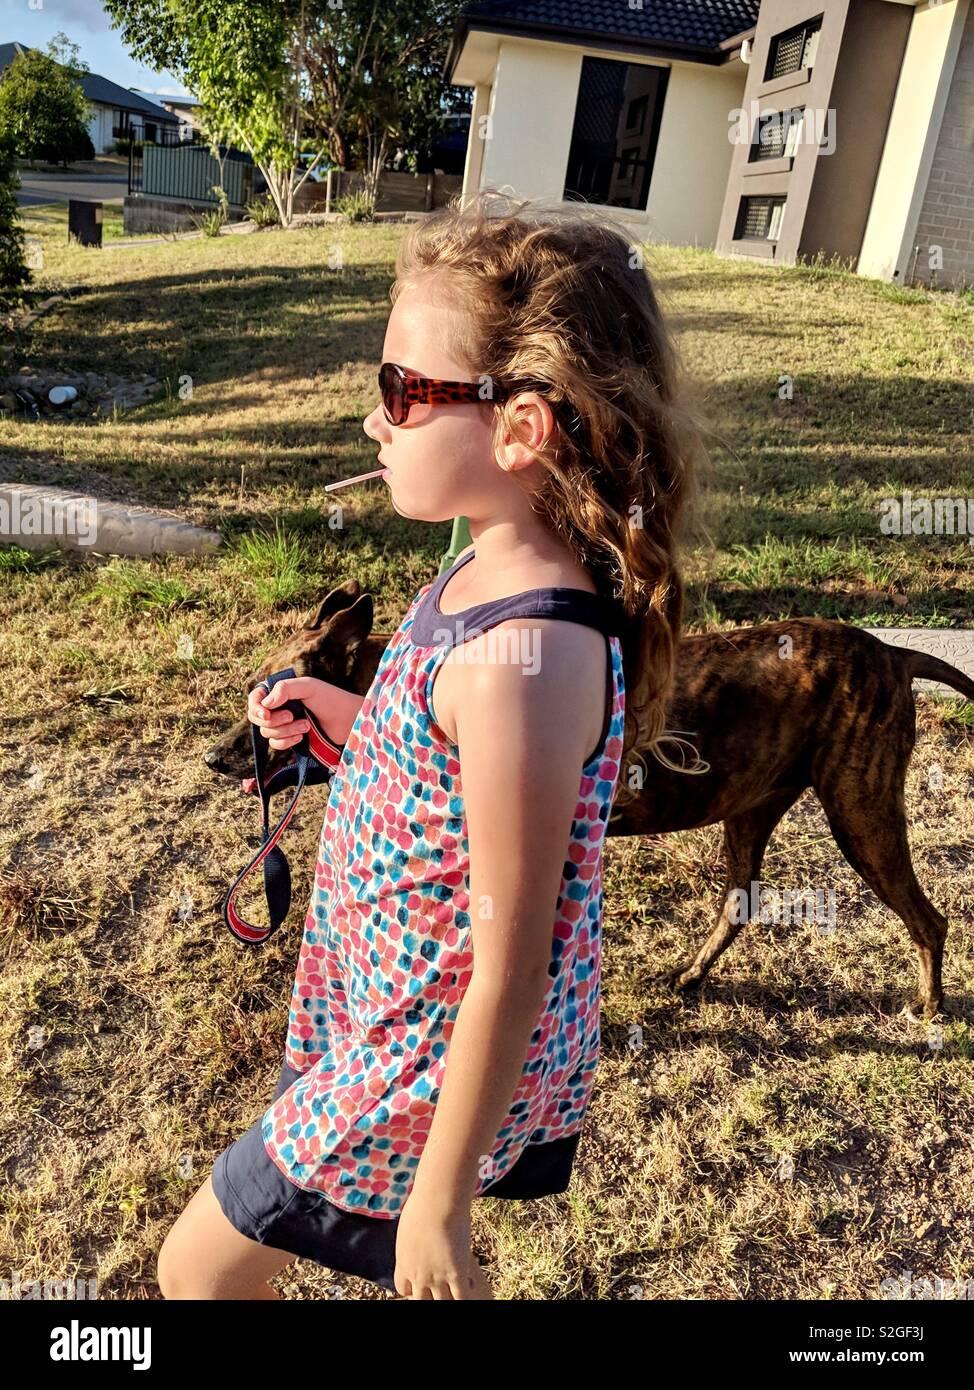 Chica paseando a su perro. Foto de stock